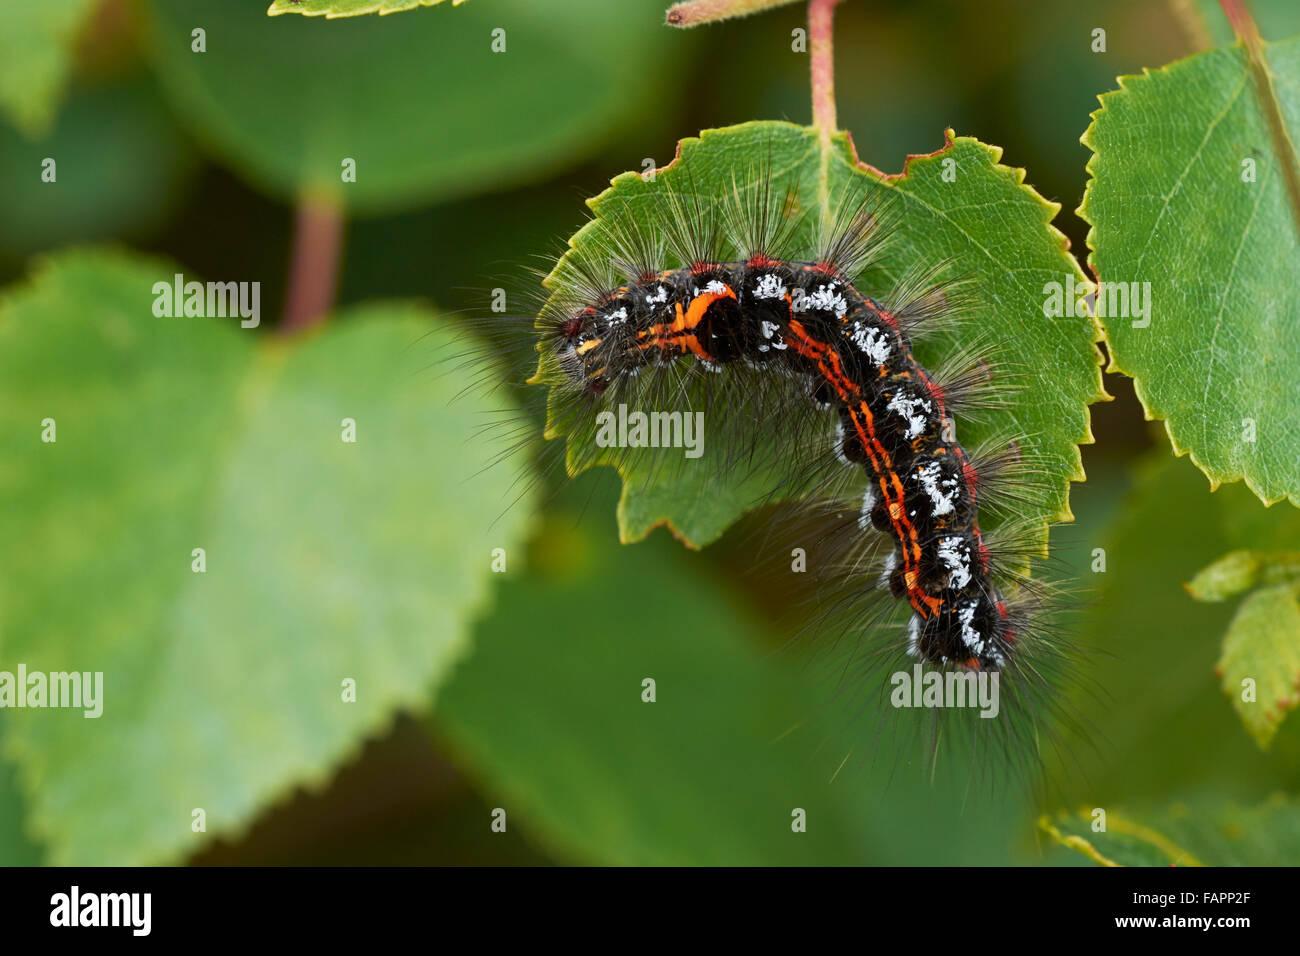 Gelb - Schwanz Motte Larve (Euproctis Gleichnisse) Fütterung auf Blatt. Shropshire, Großbritannien Stockbild